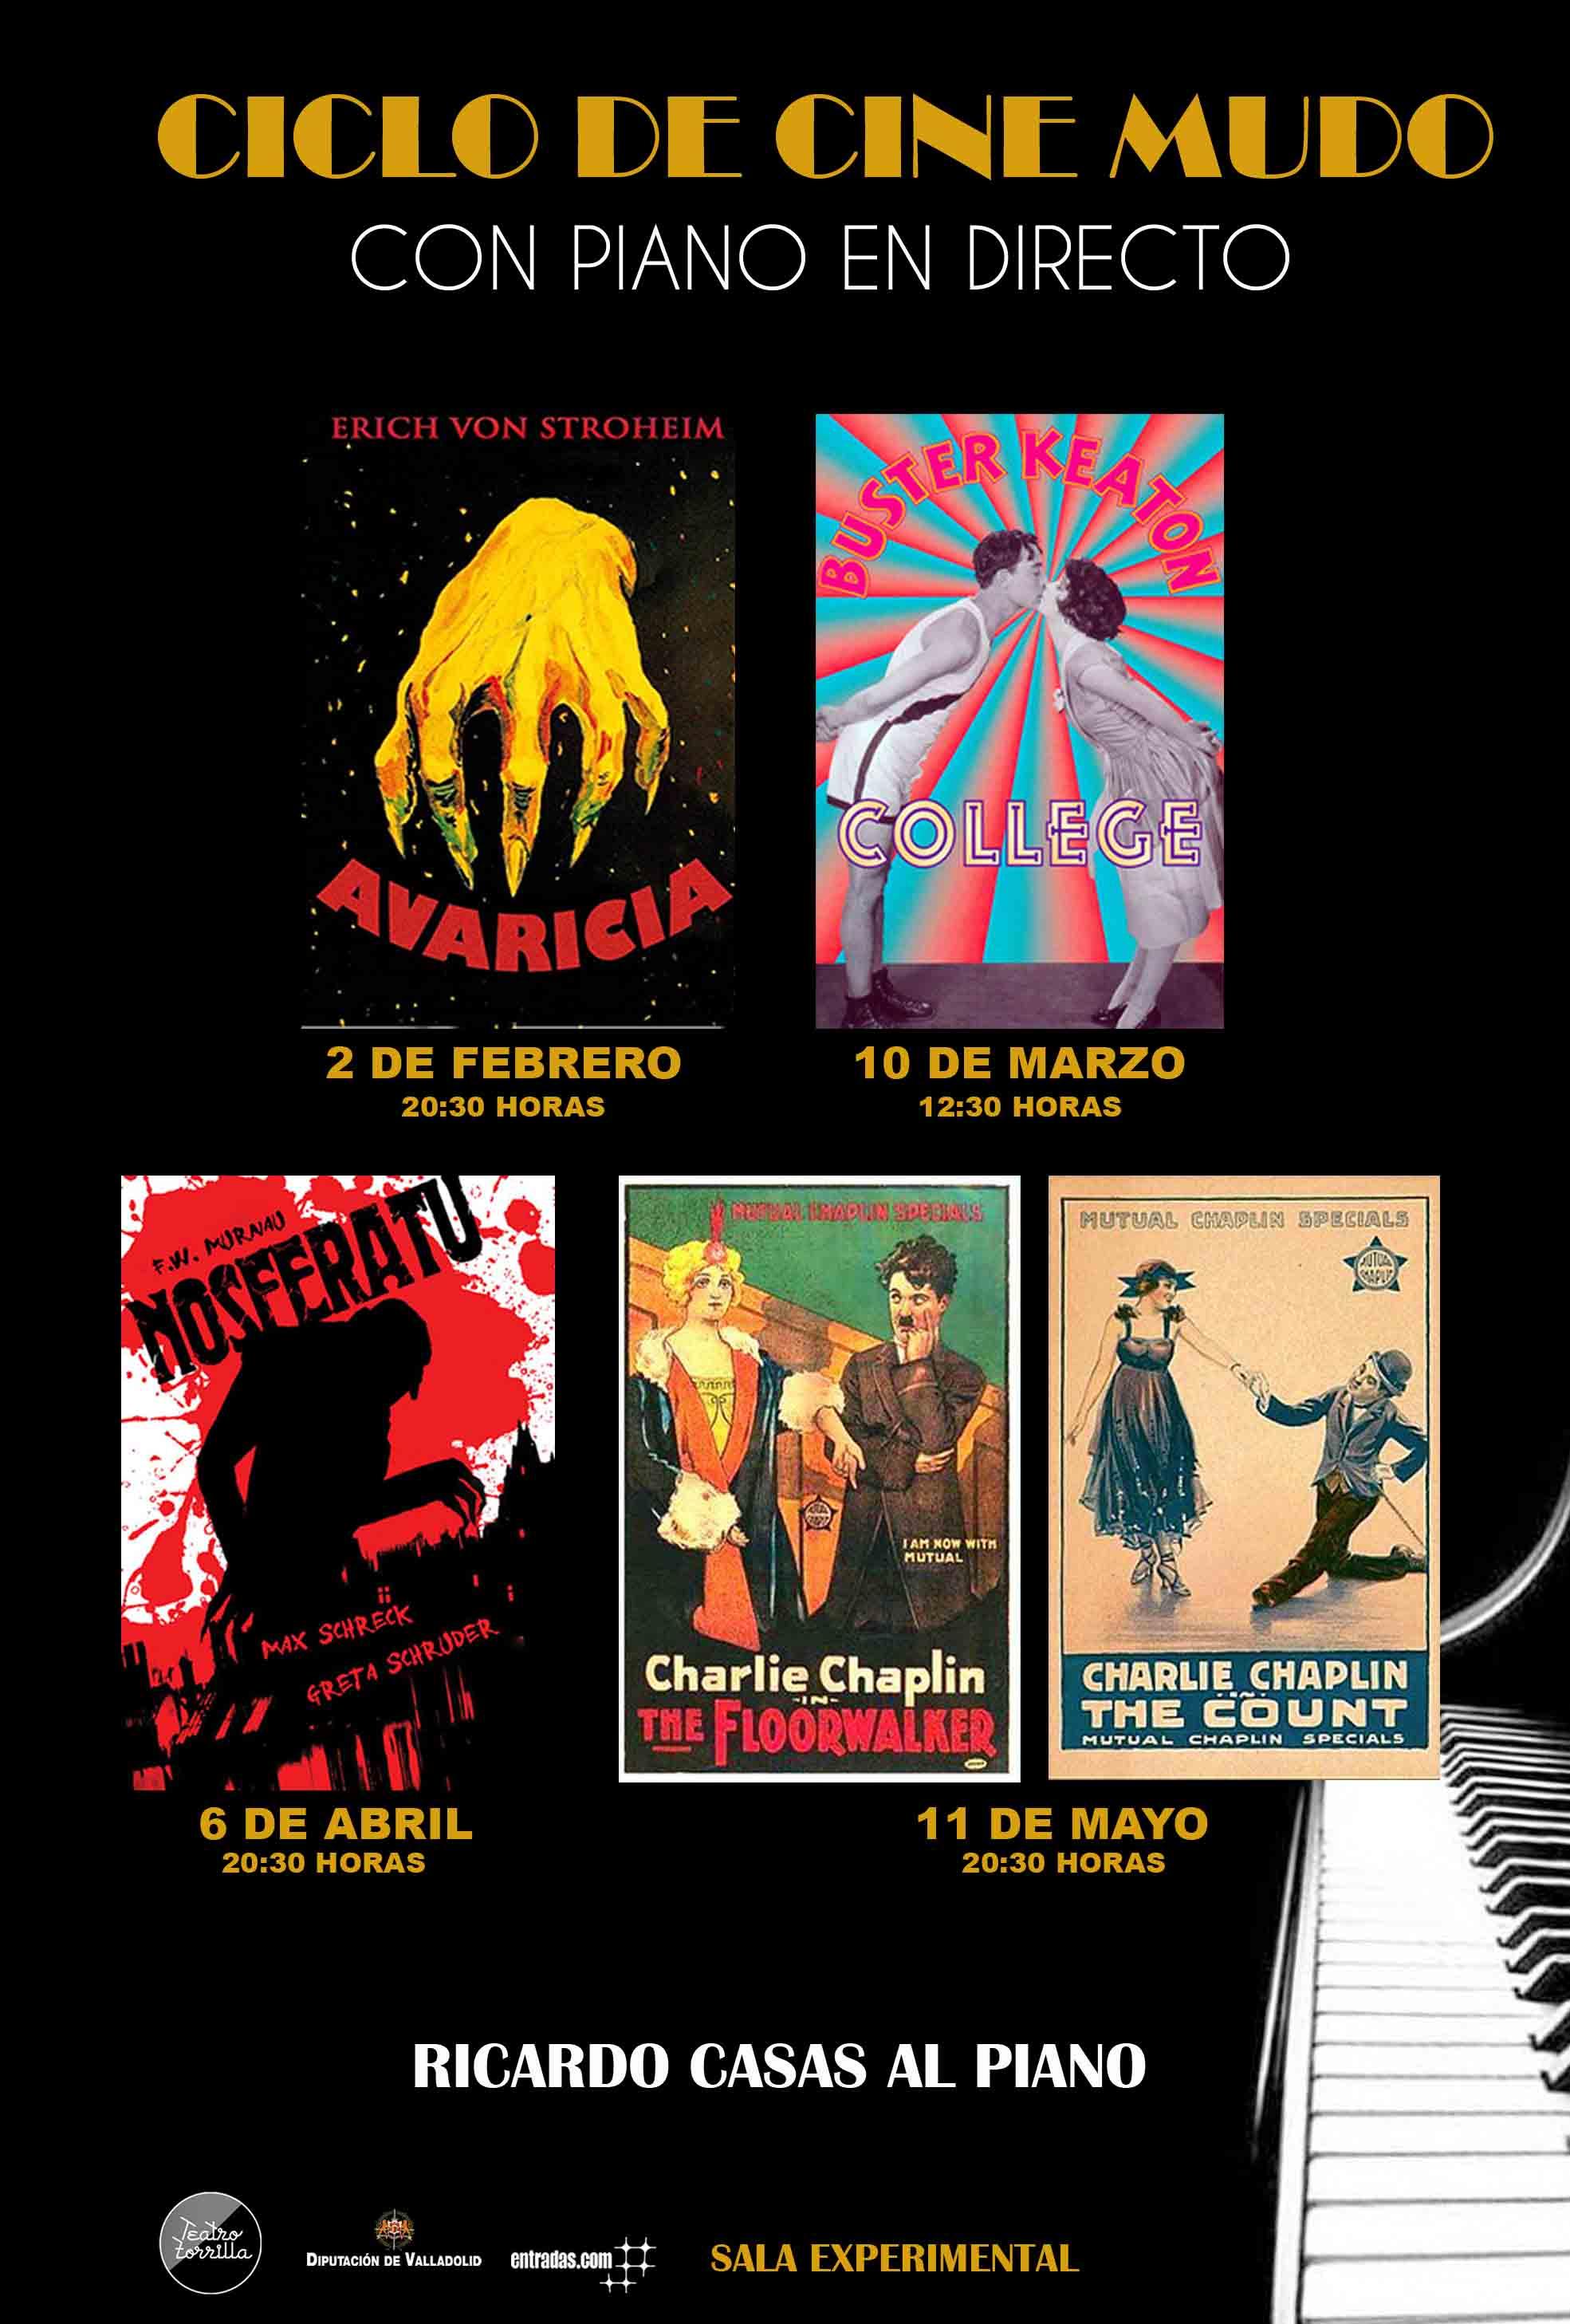 6 de Abril: Ciclo de cine mudo: Nosferatu / Sala Experimental